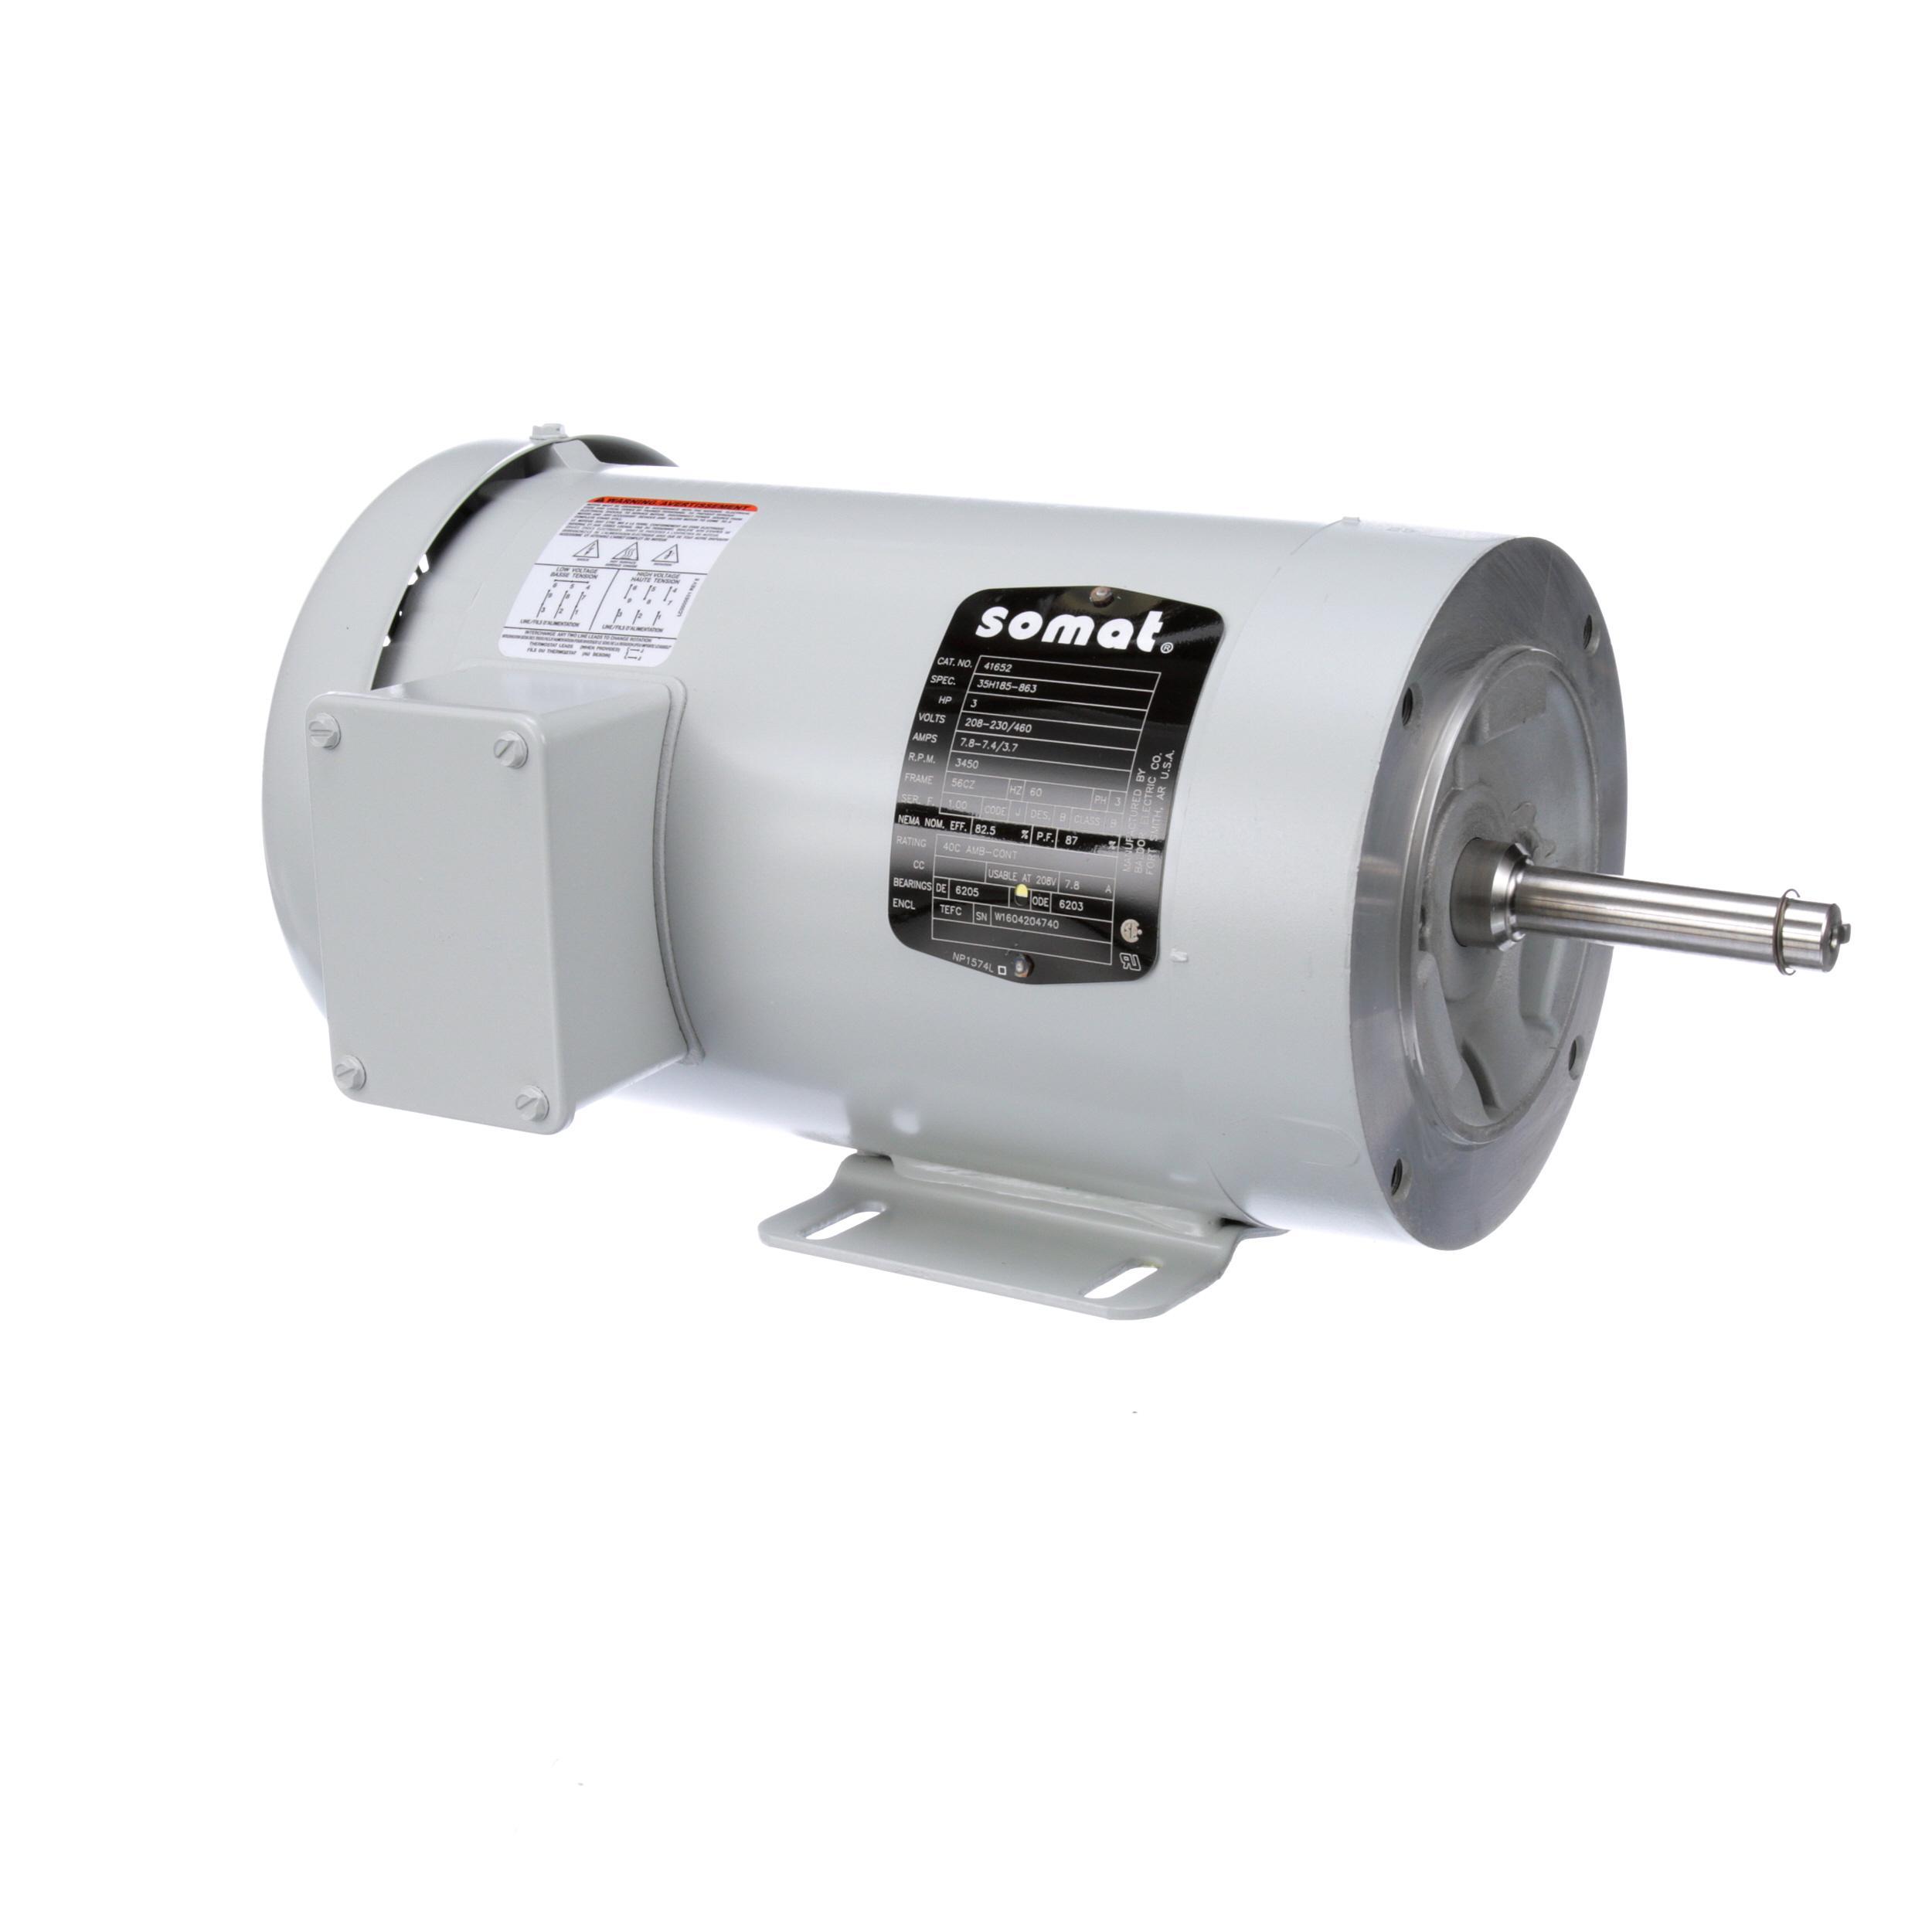 Somat Motor 3hp 3ph 208 230 460v 50 60 Part 41652